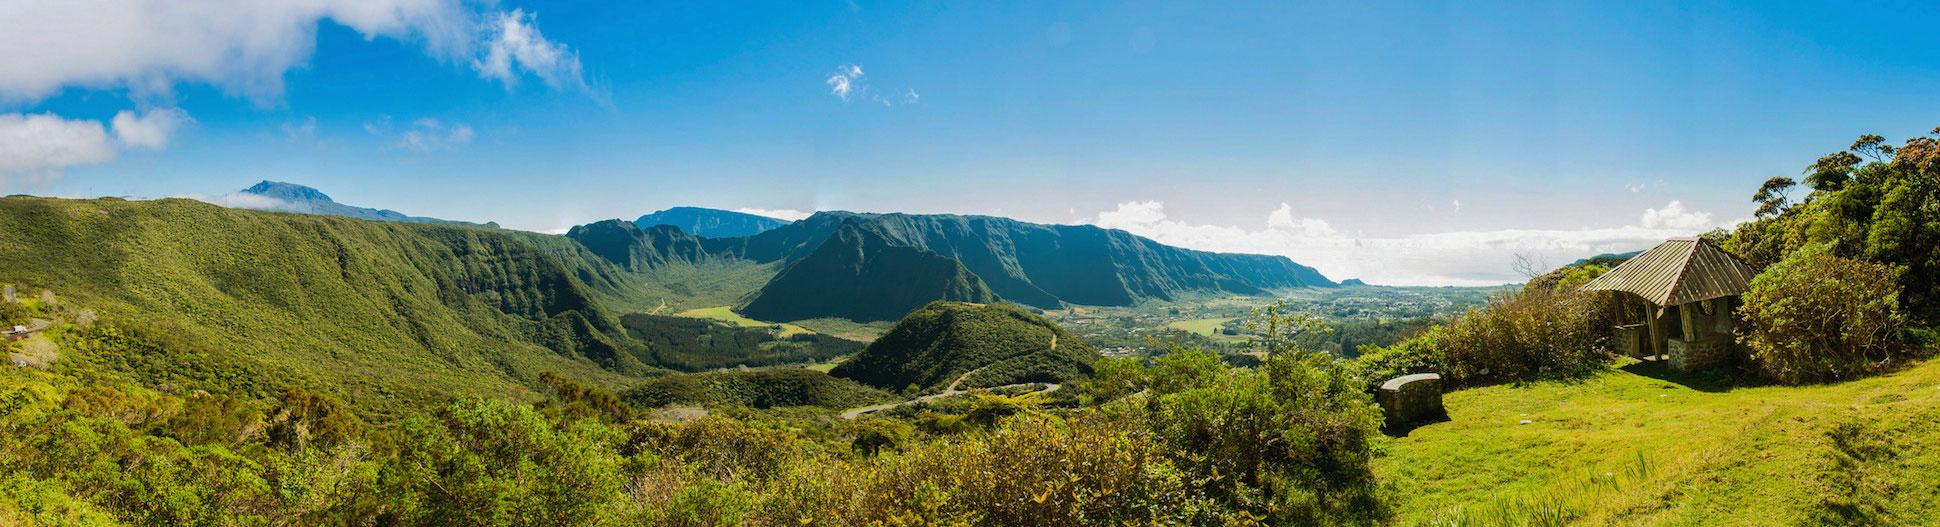 Plaine des Palmistes Île de la Réunion